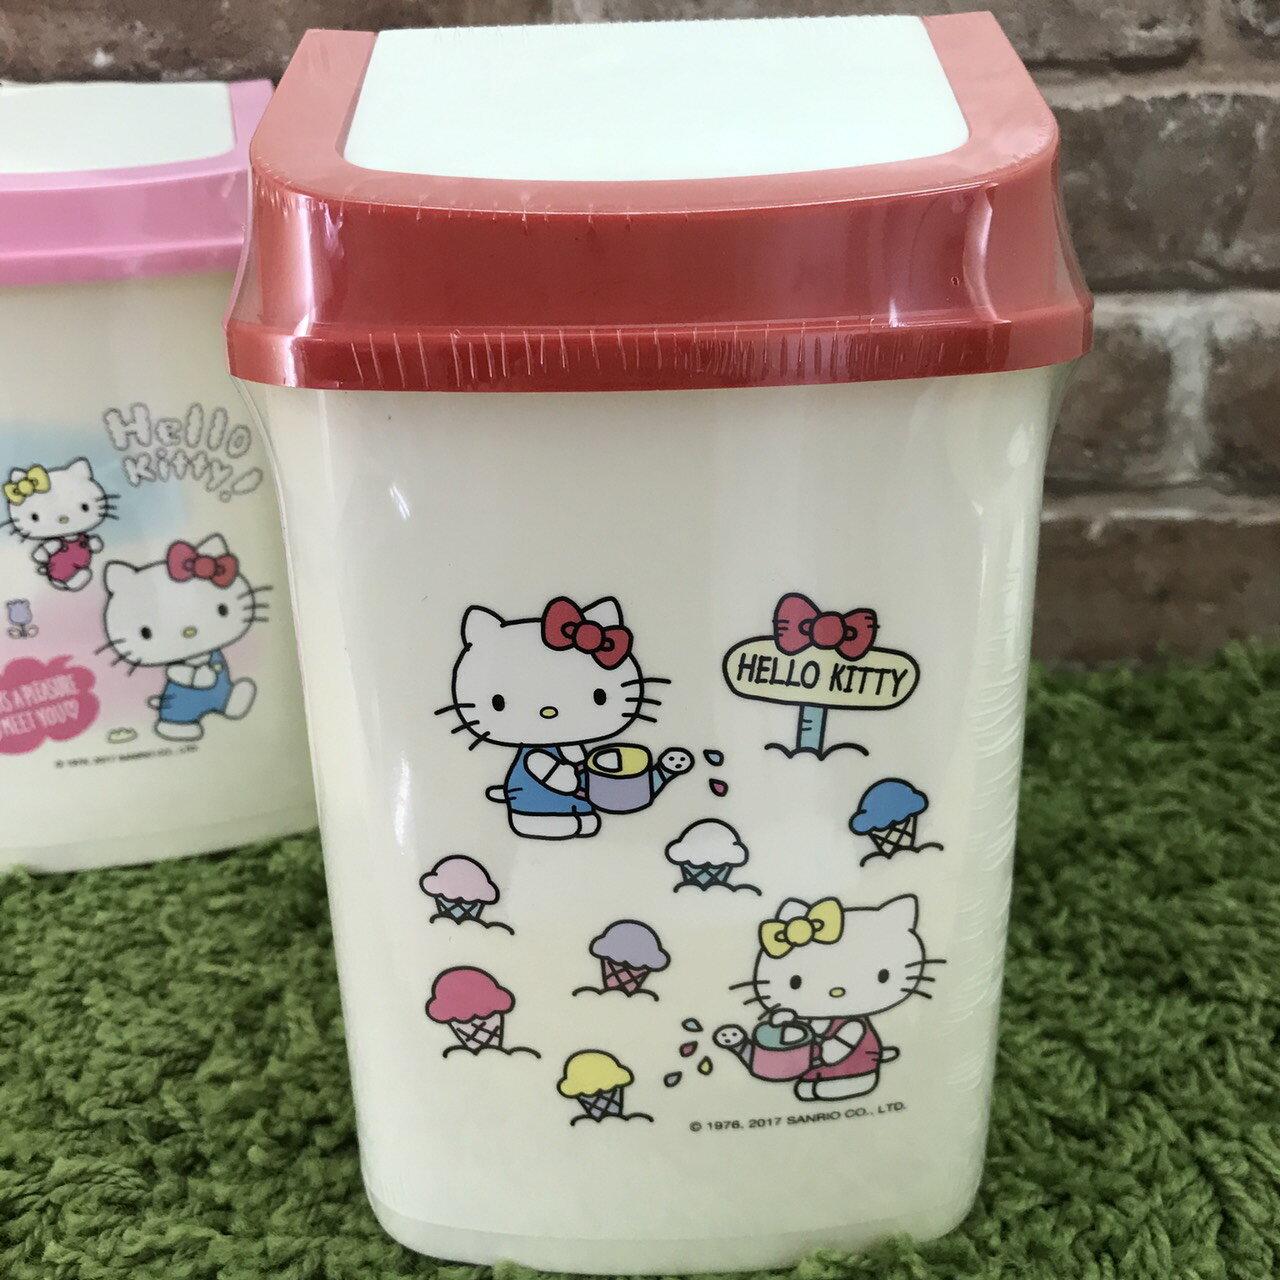 【真愛日本】17110600029 迷你旋轉蓋方型垃圾桶-KT種植new 三麗鷗 Hello Kitty凱蒂貓 日用品居家收納用品